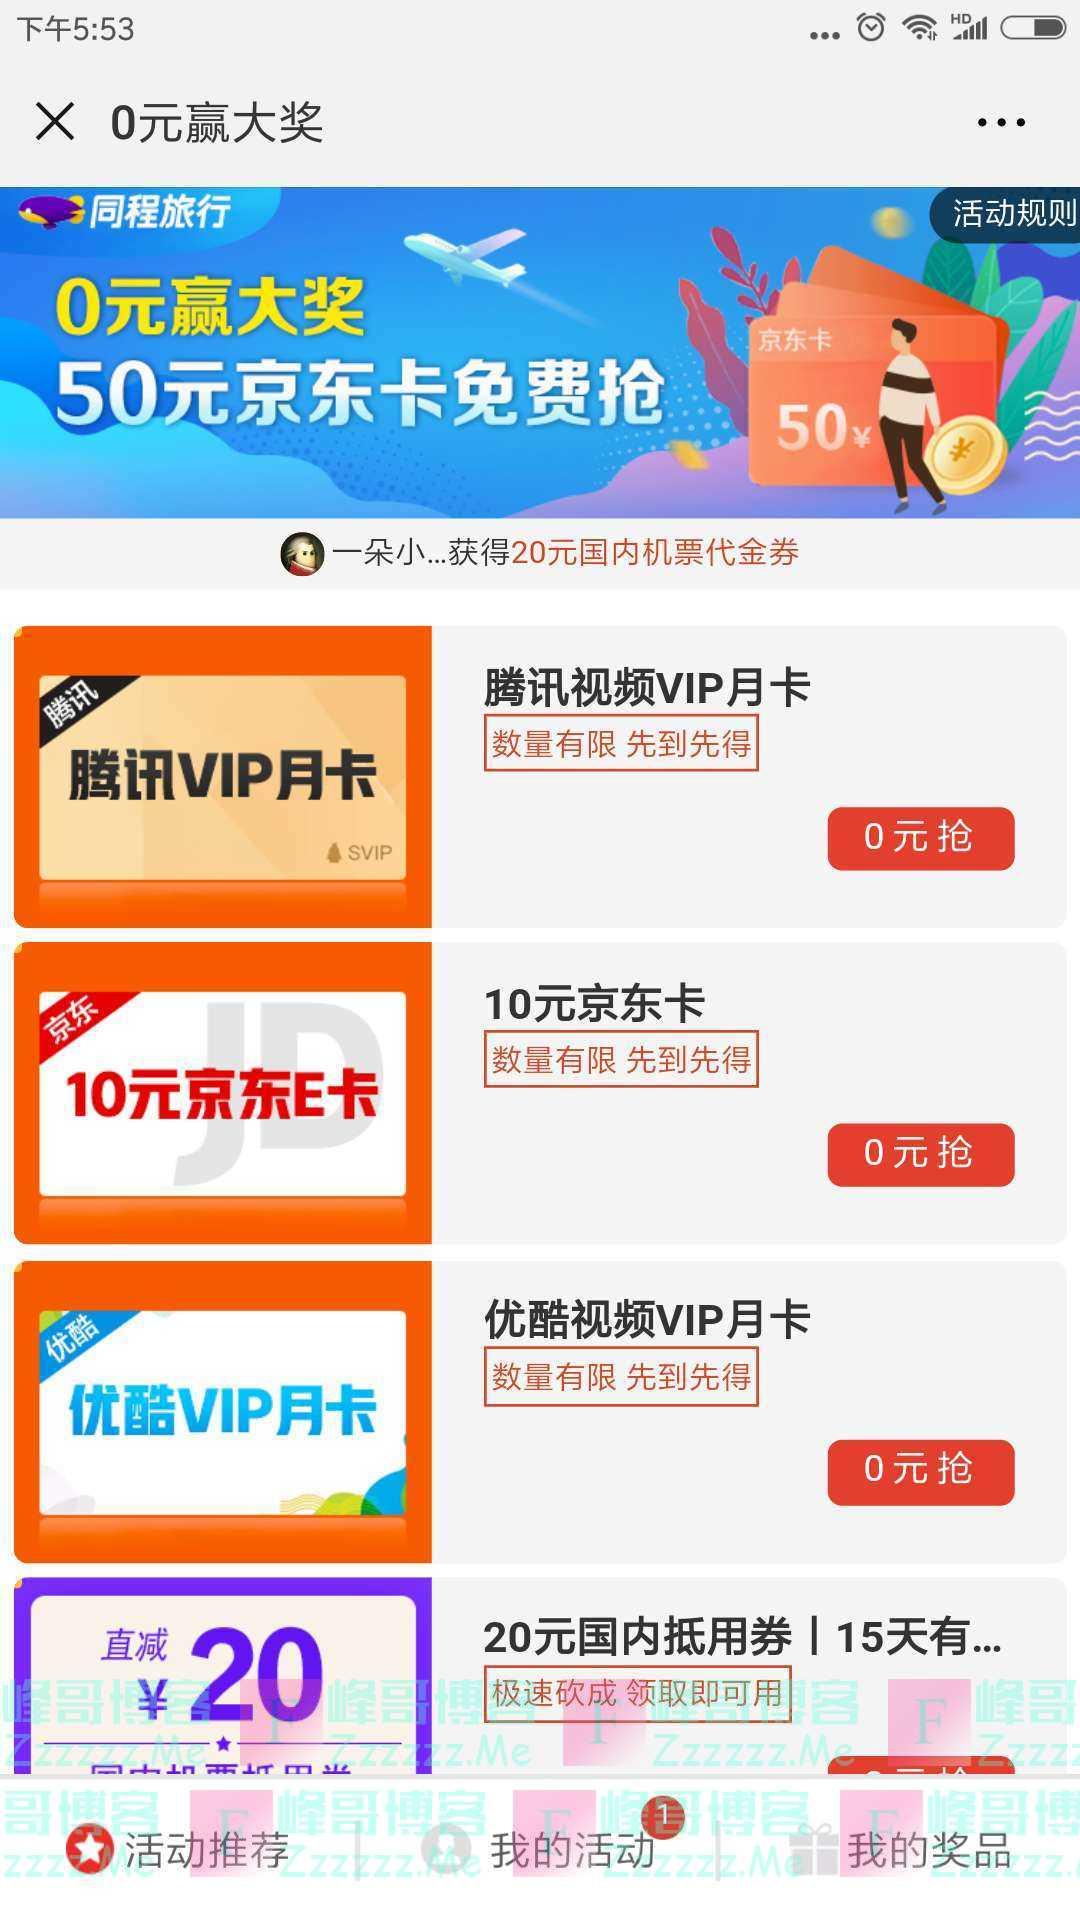 同程机票新一期0元赢大奖(截止不详)